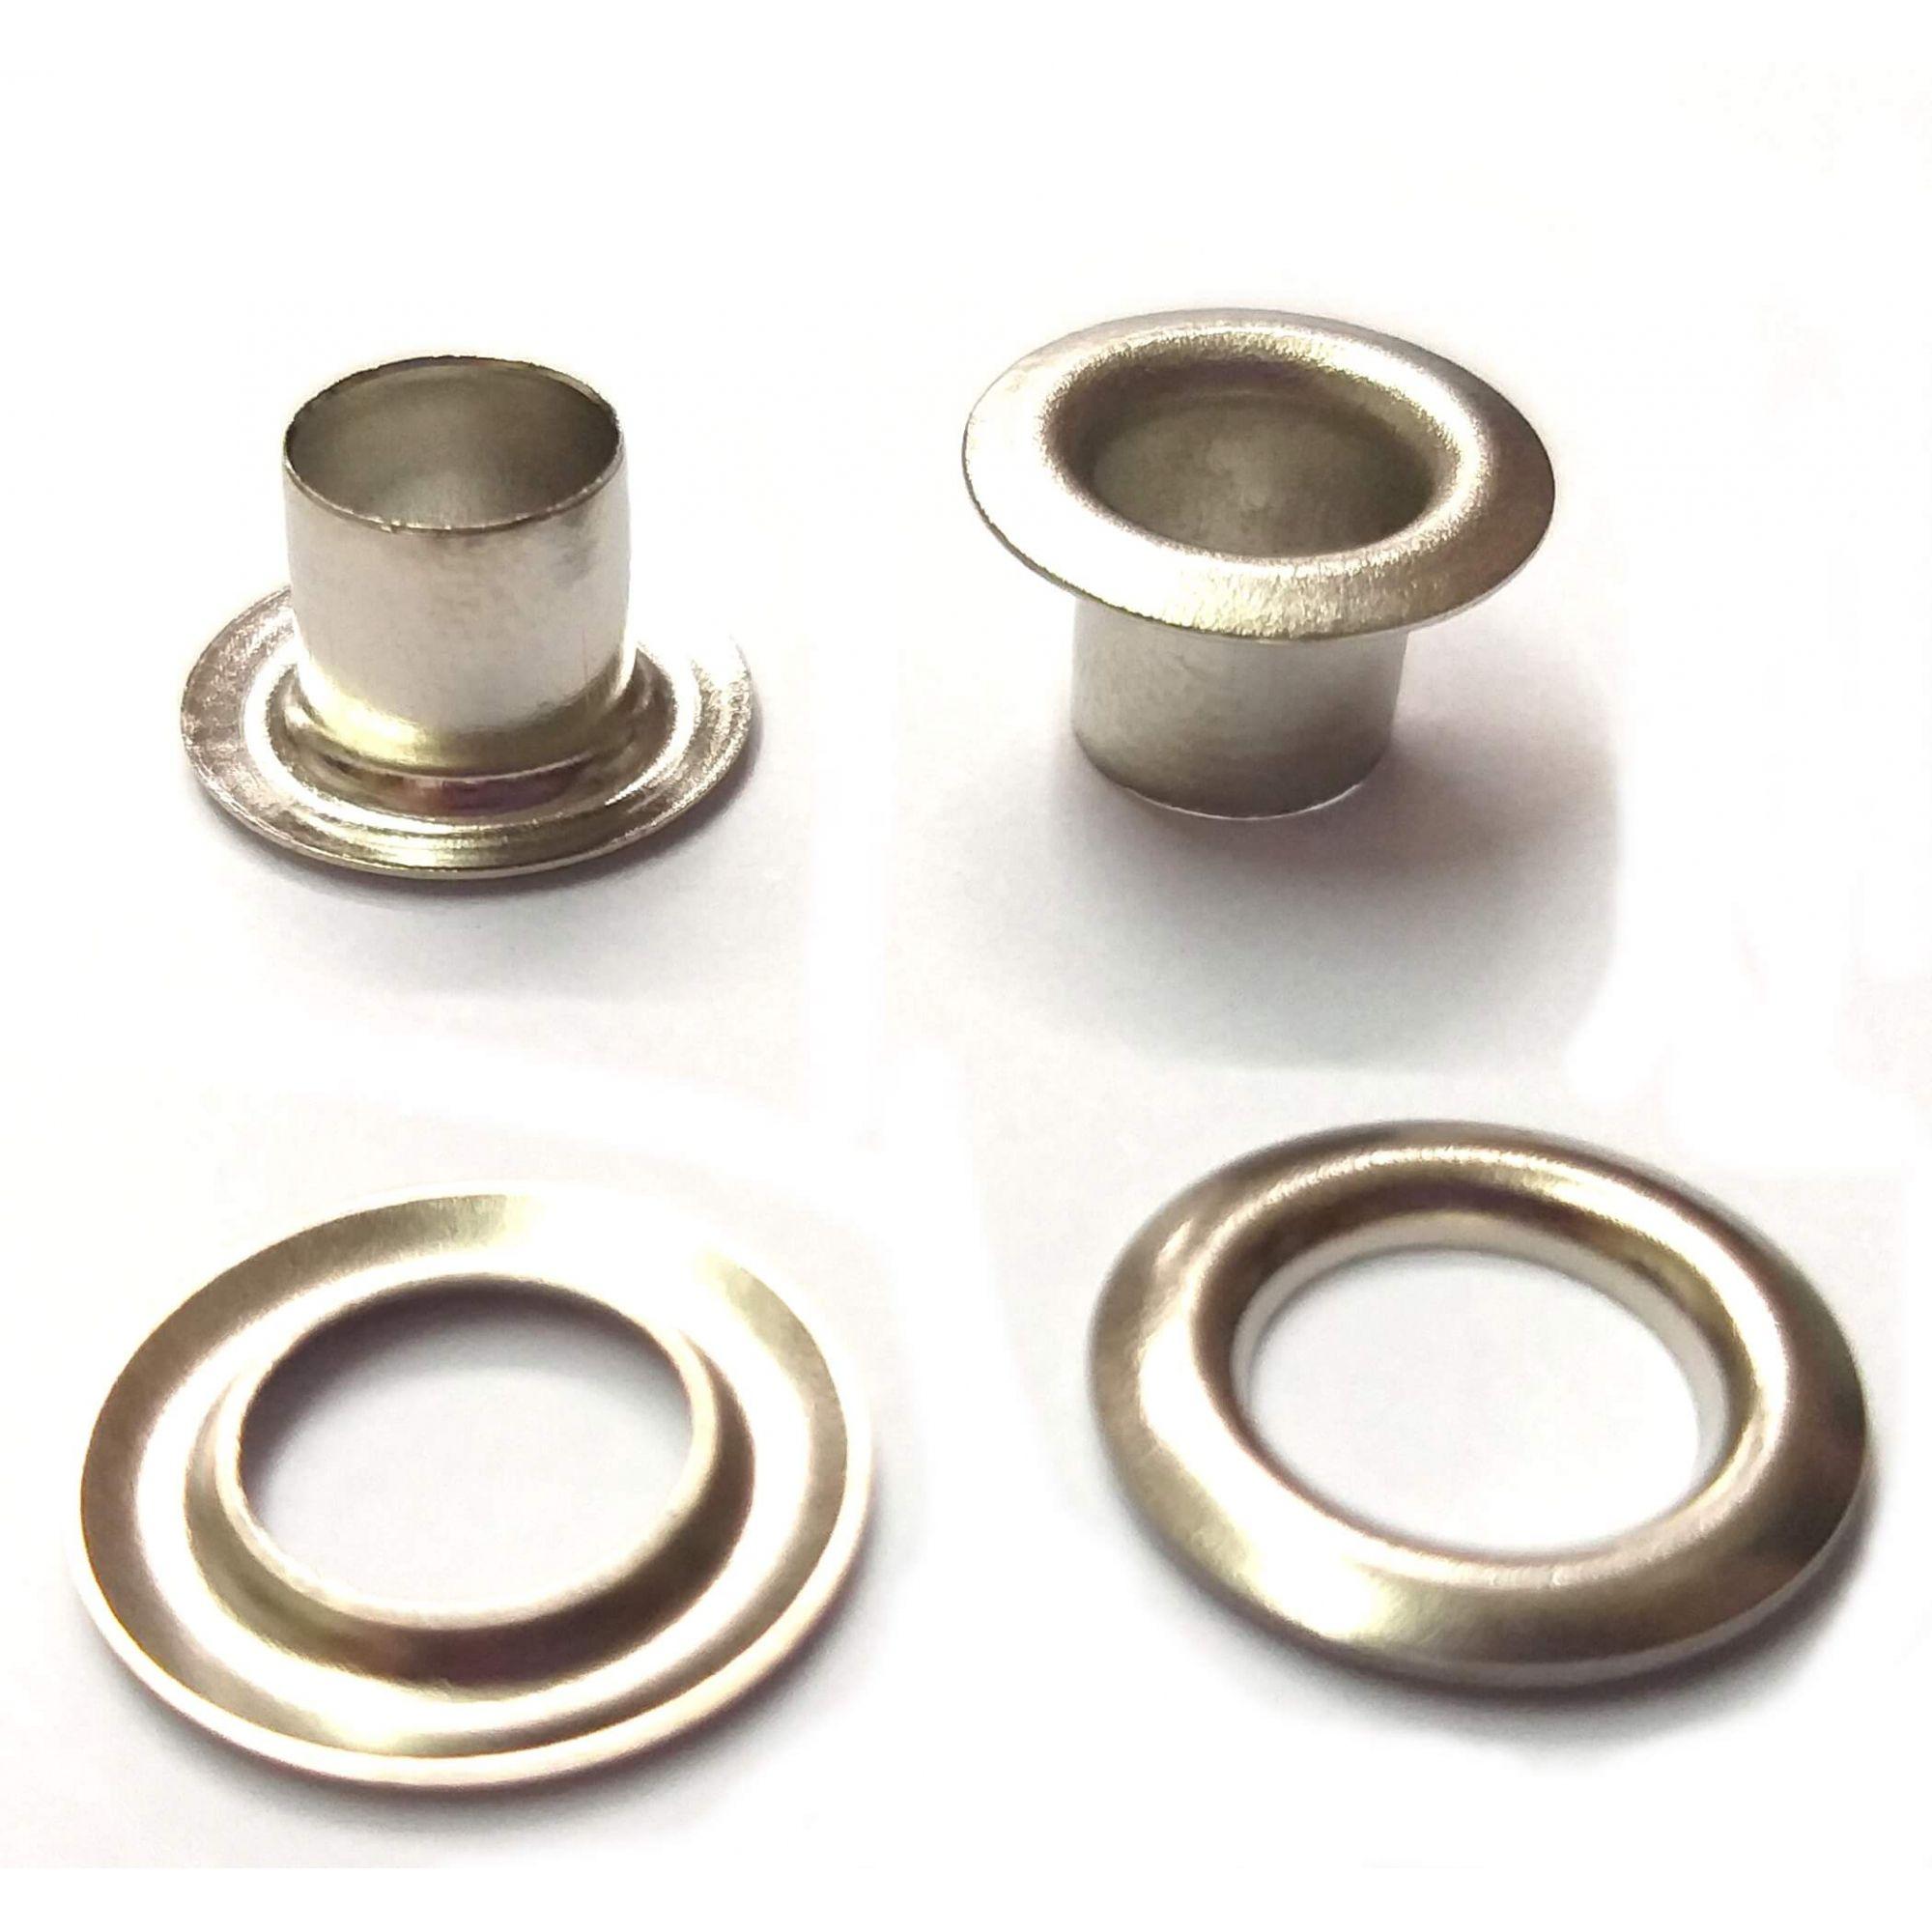 Ilhós com Arruela Ferro Nº 51 - 9,50mm de diâmetro externo - Diversas Cores